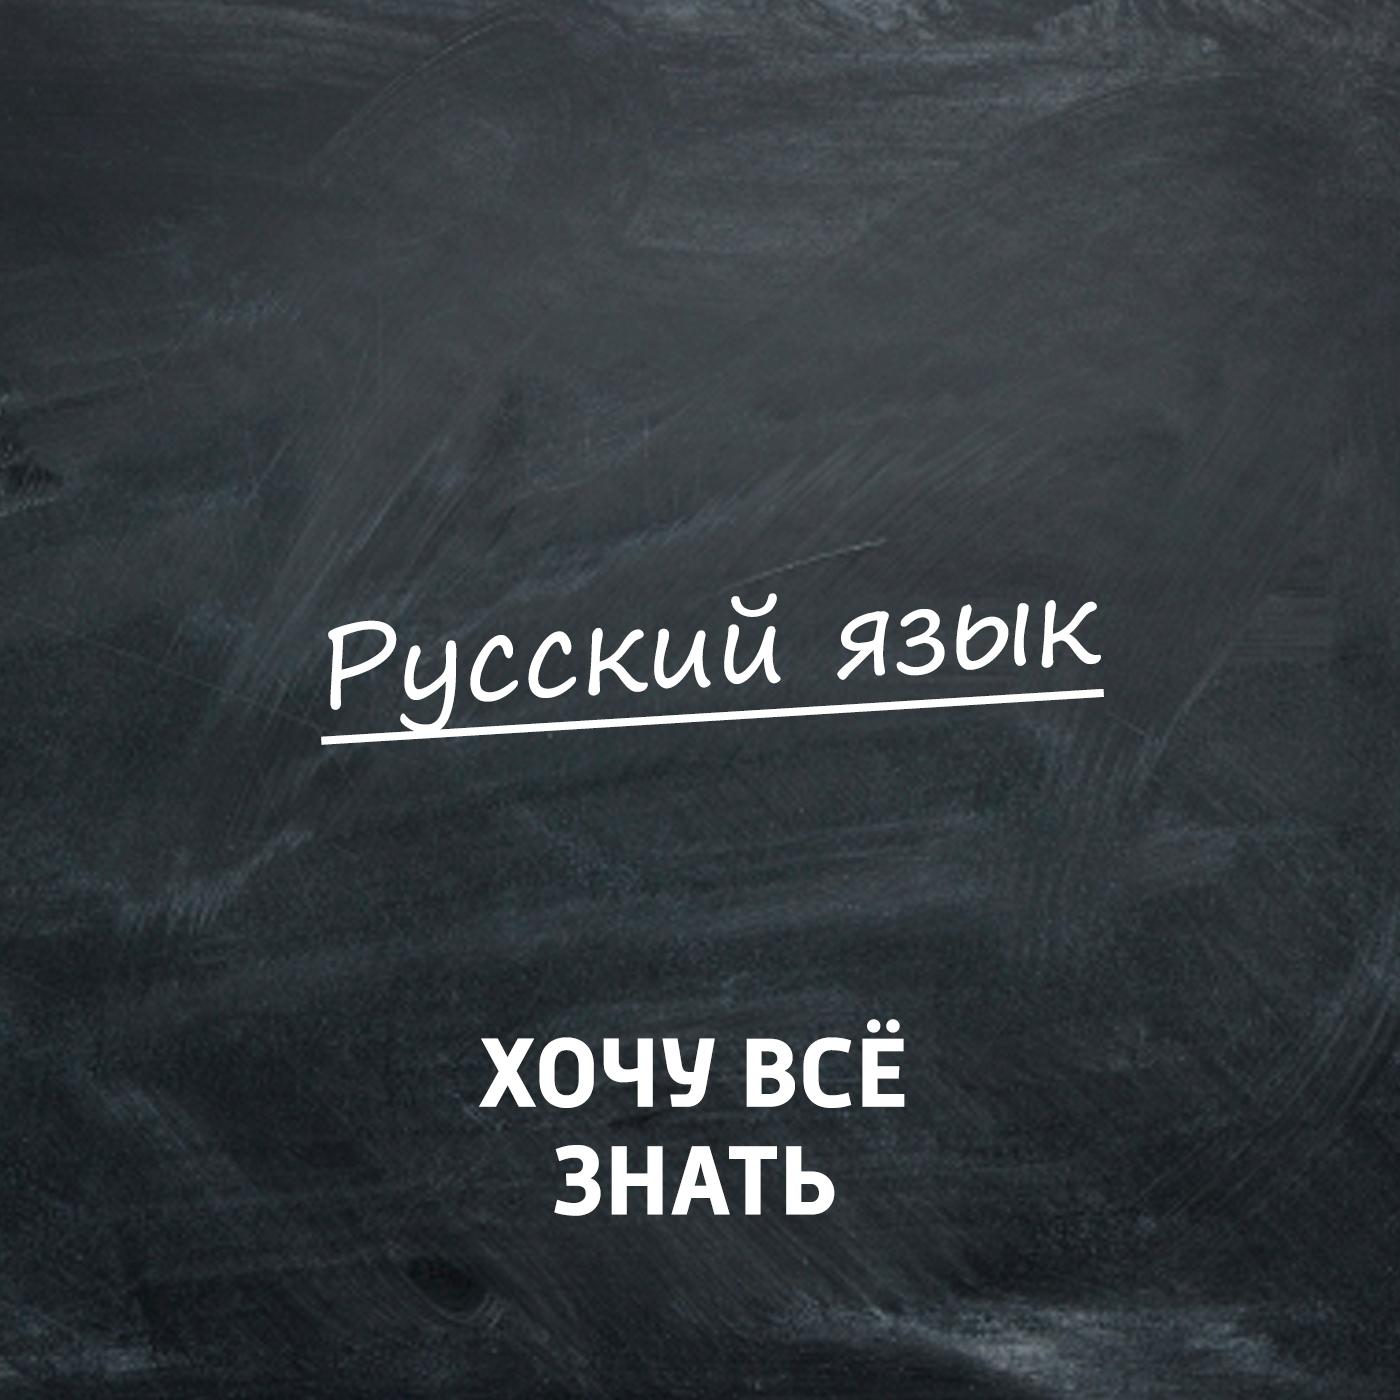 Купить книгу Олимпиадные задачи. Русский язык. Часть 77, автора